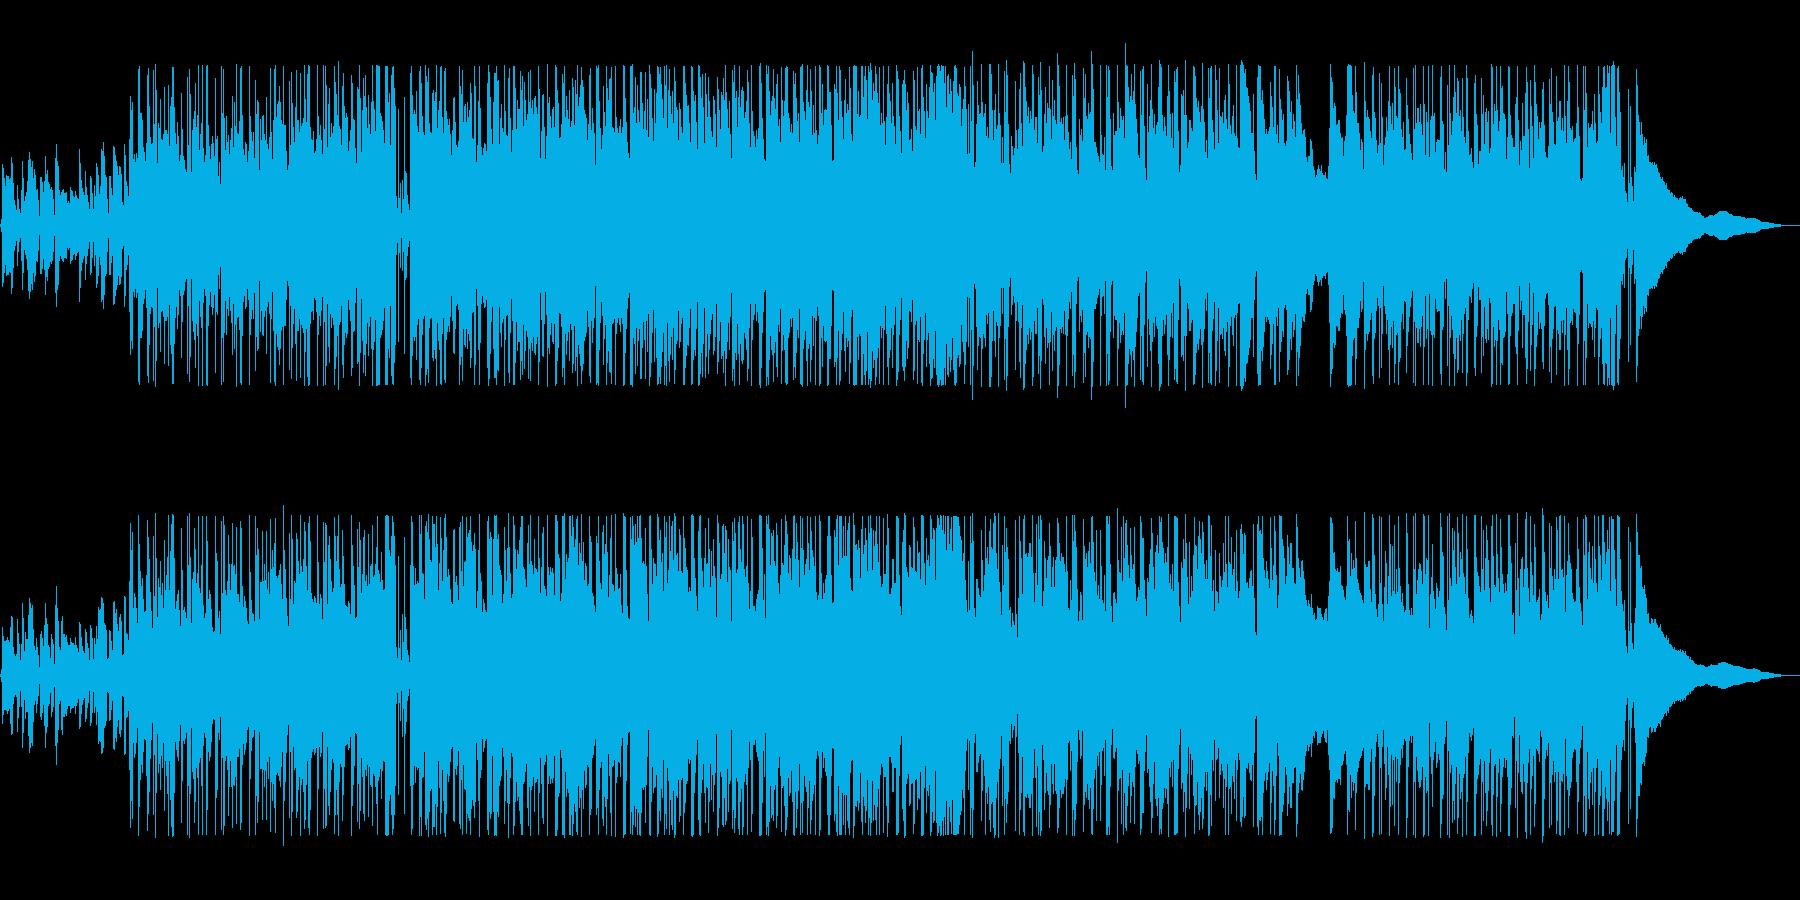 大人な雰囲気のシックなギターサウンドの再生済みの波形